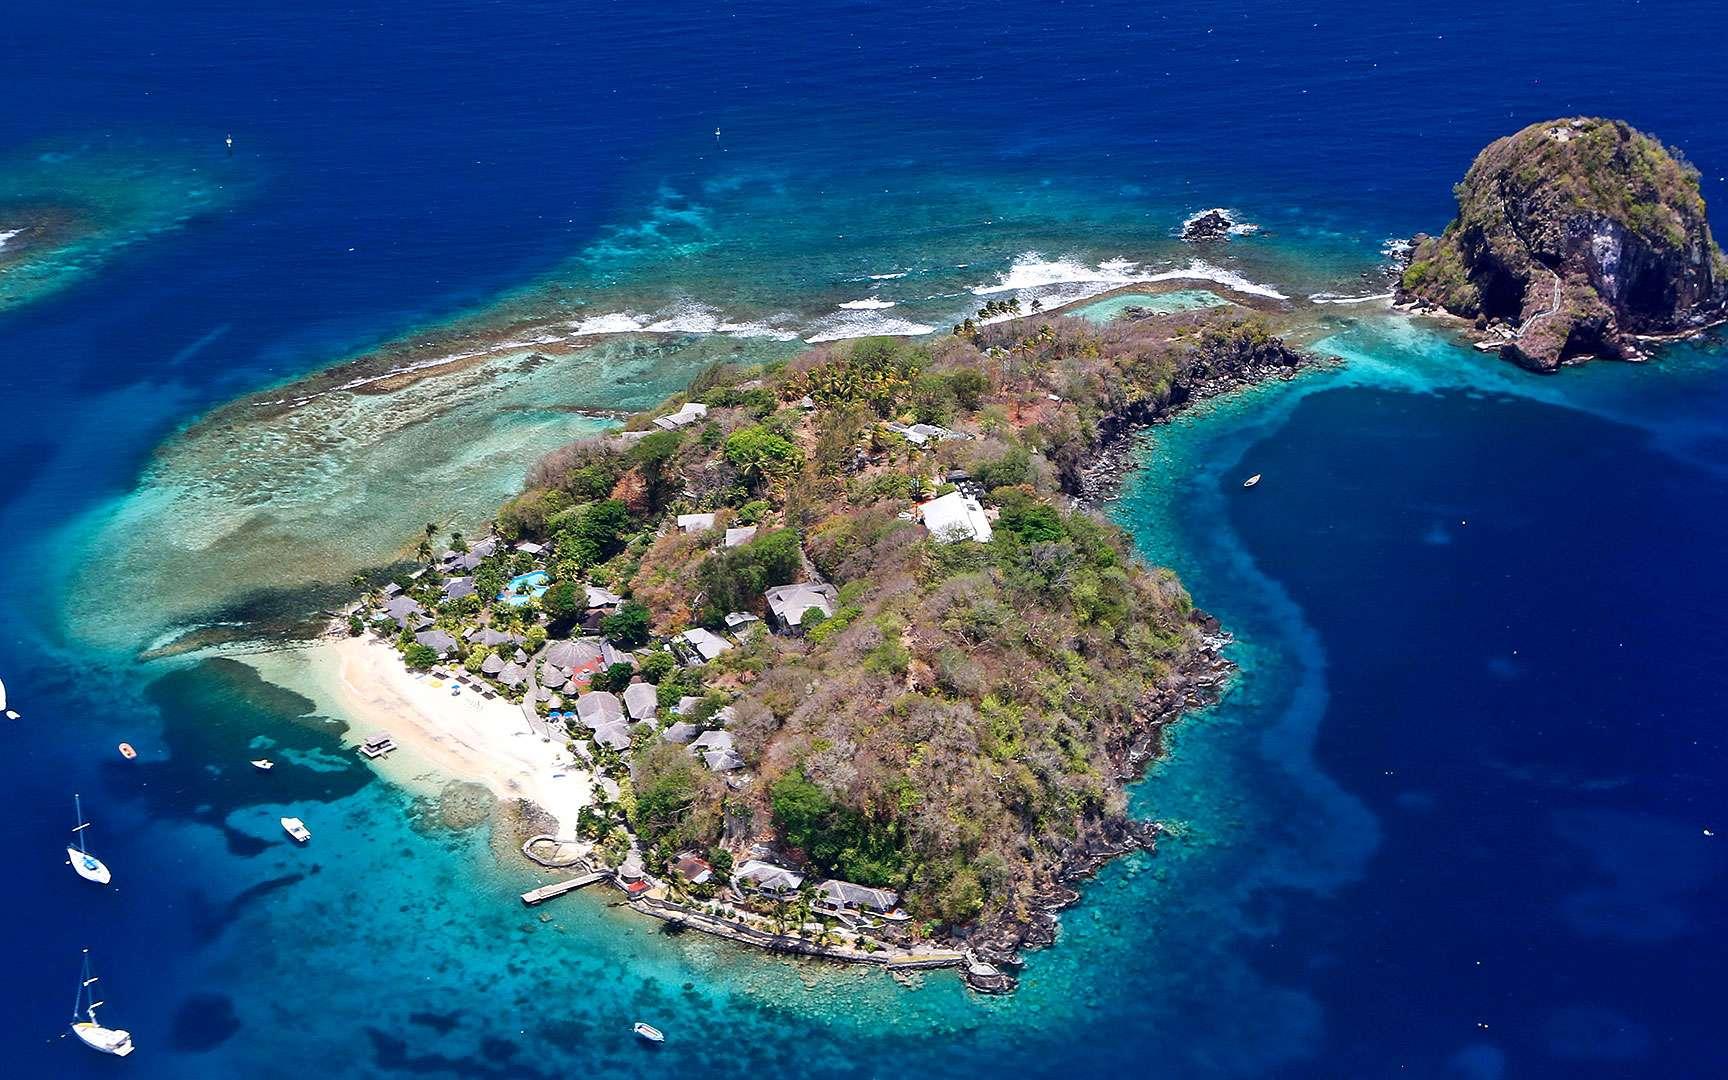 Quelque part dans les Grenadines, un chapelet d'îles des Petites Antilles, entre la mer des Caraïbes et l'Atlantique. © Antoine